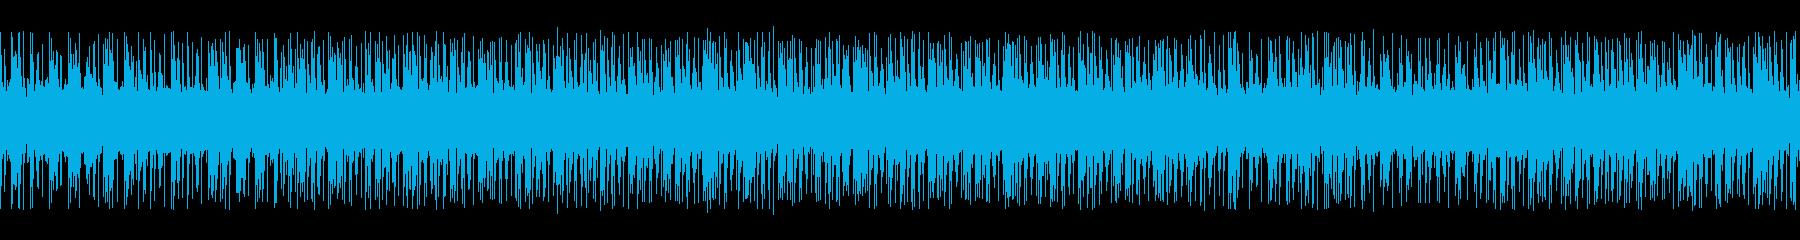 ゲーム映画バトル用攻撃的3-1ループ処理の再生済みの波形